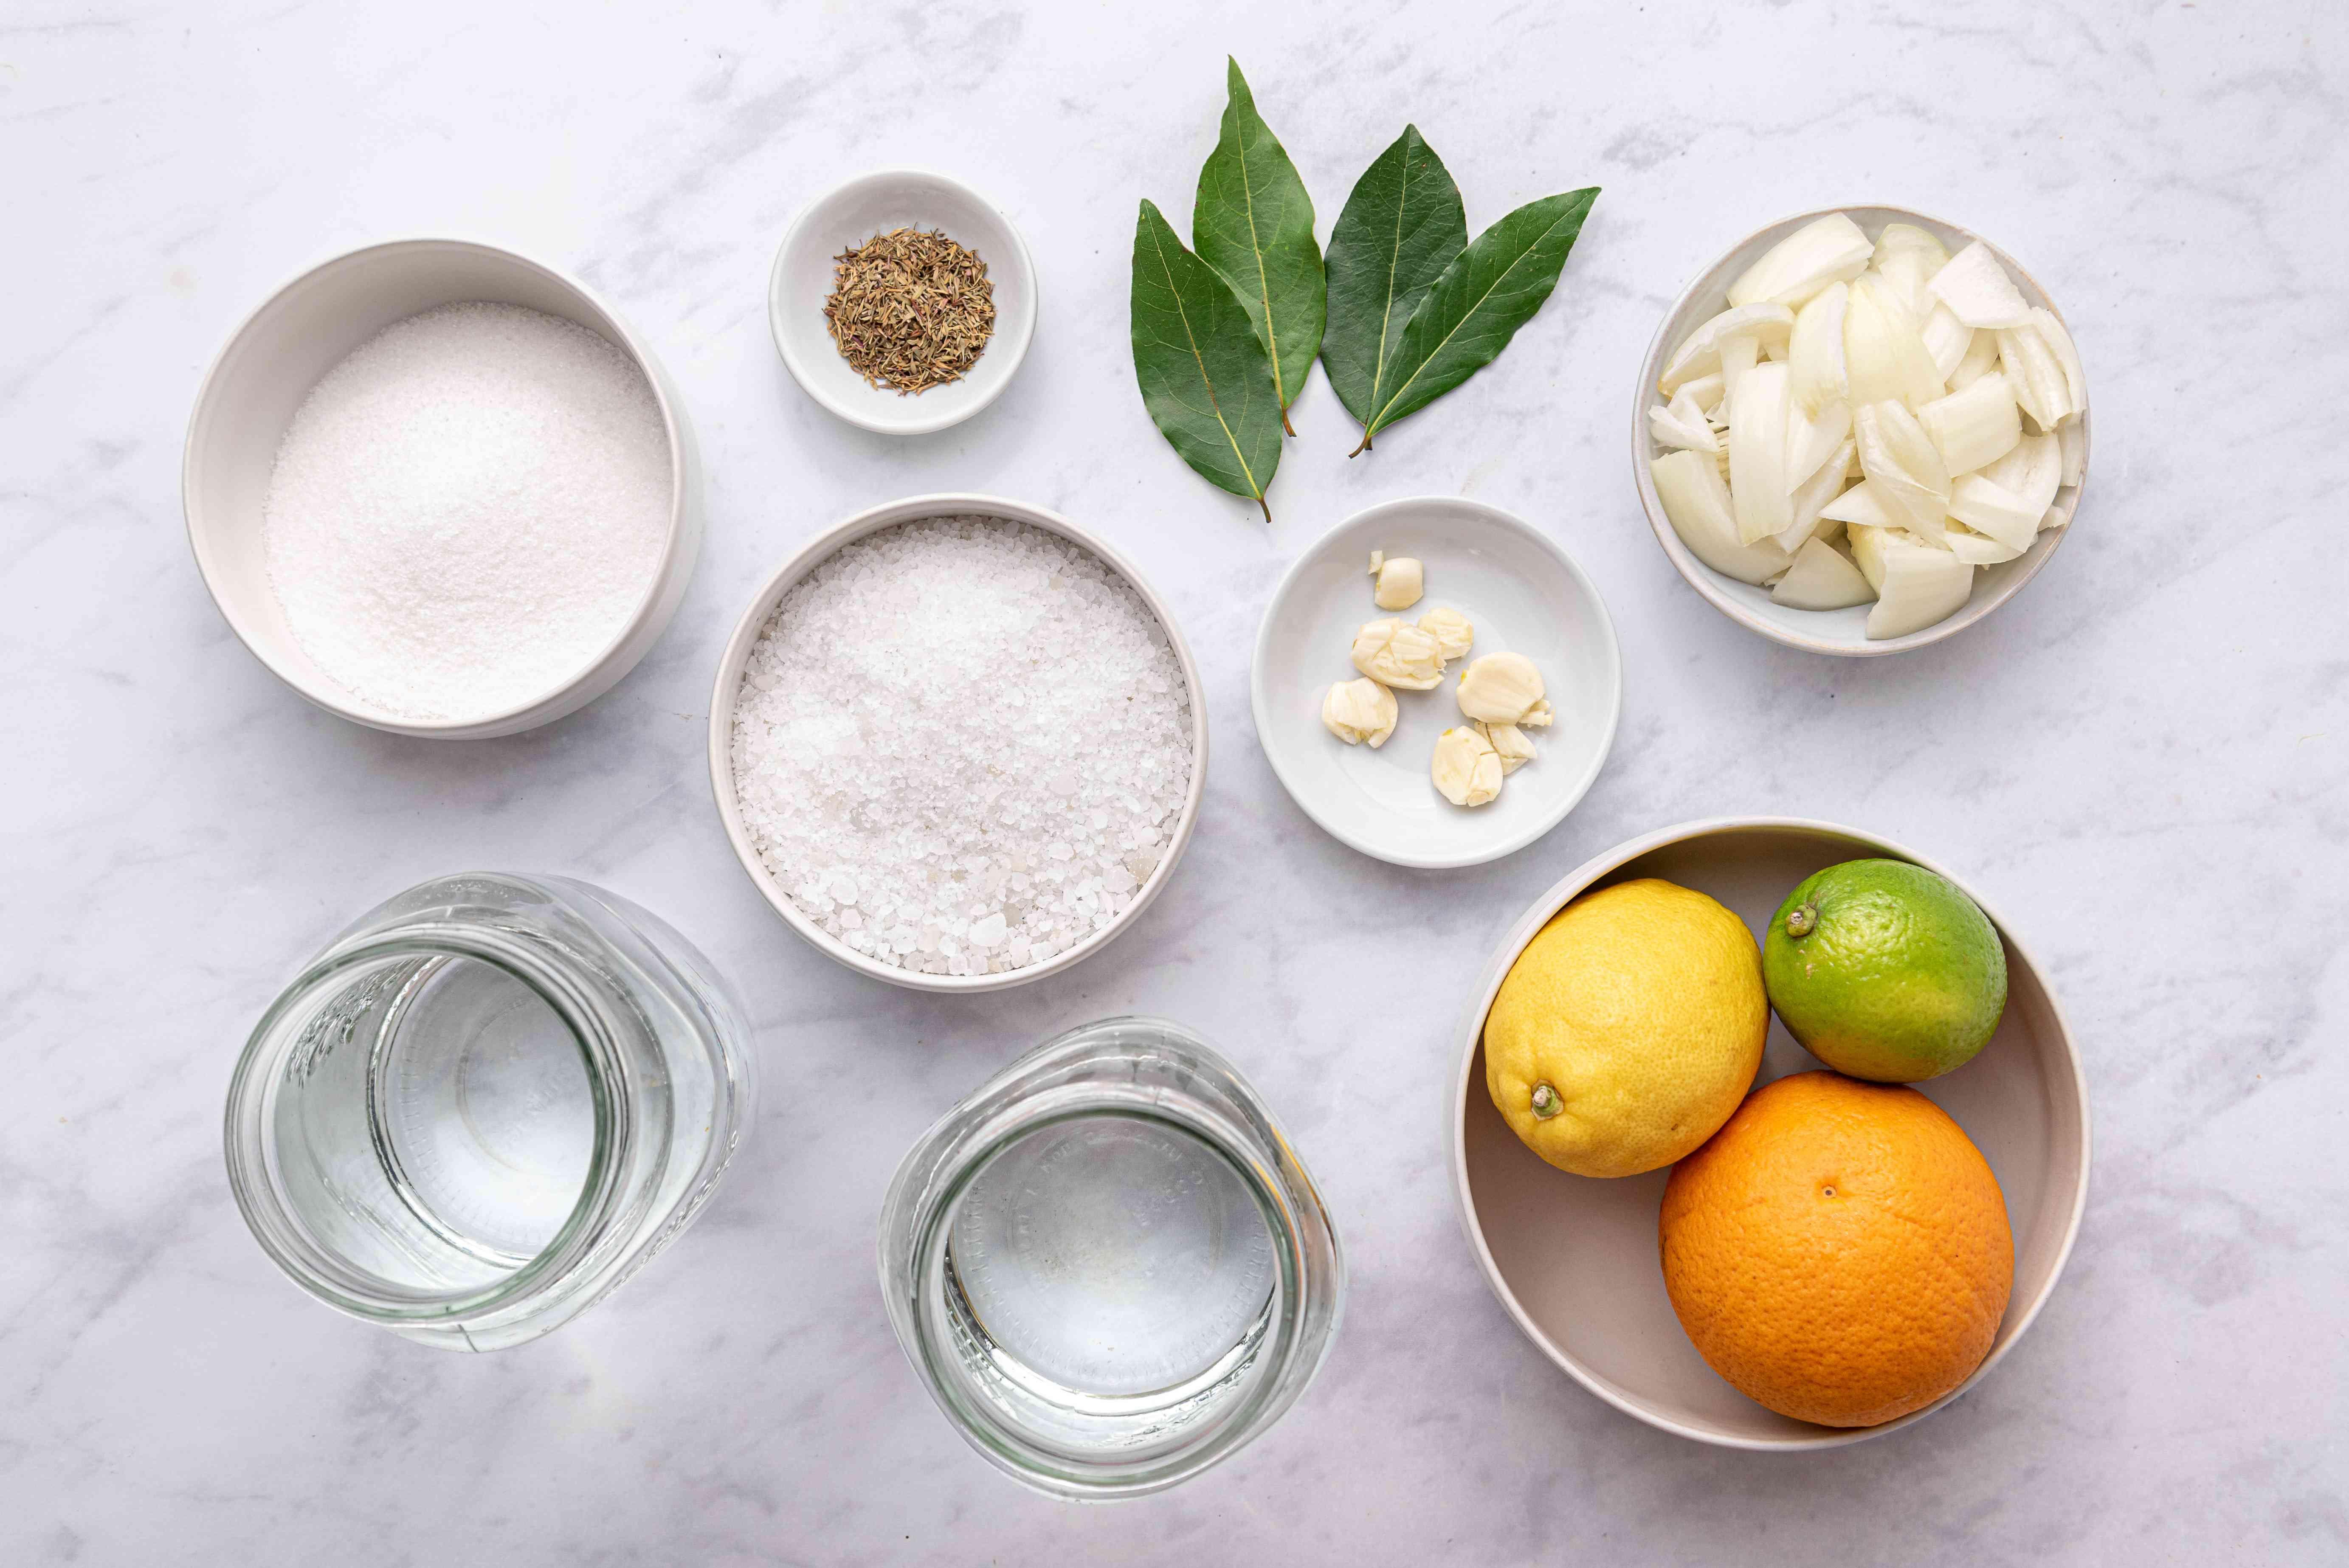 Ingredients for citrus turkey brine